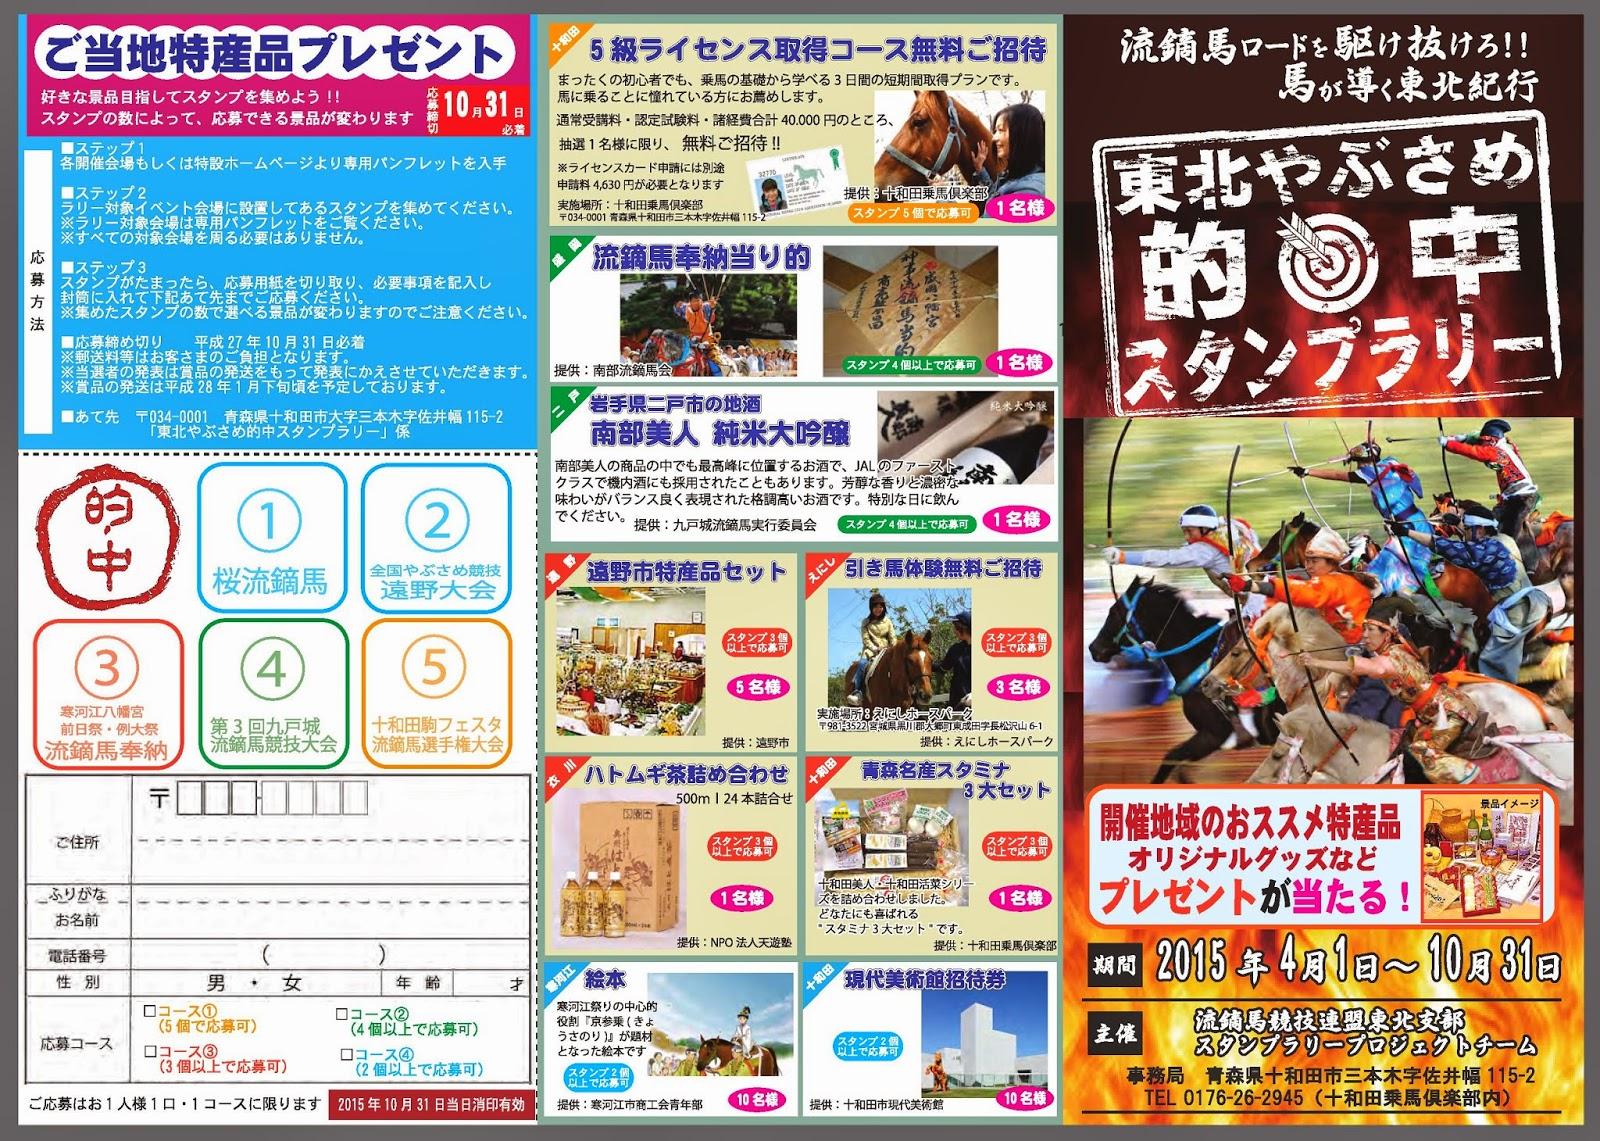 Tohoku Yabusame Stamp Rally Pamphlet 東北やぶさめ的中スタンプラリー 応募用紙